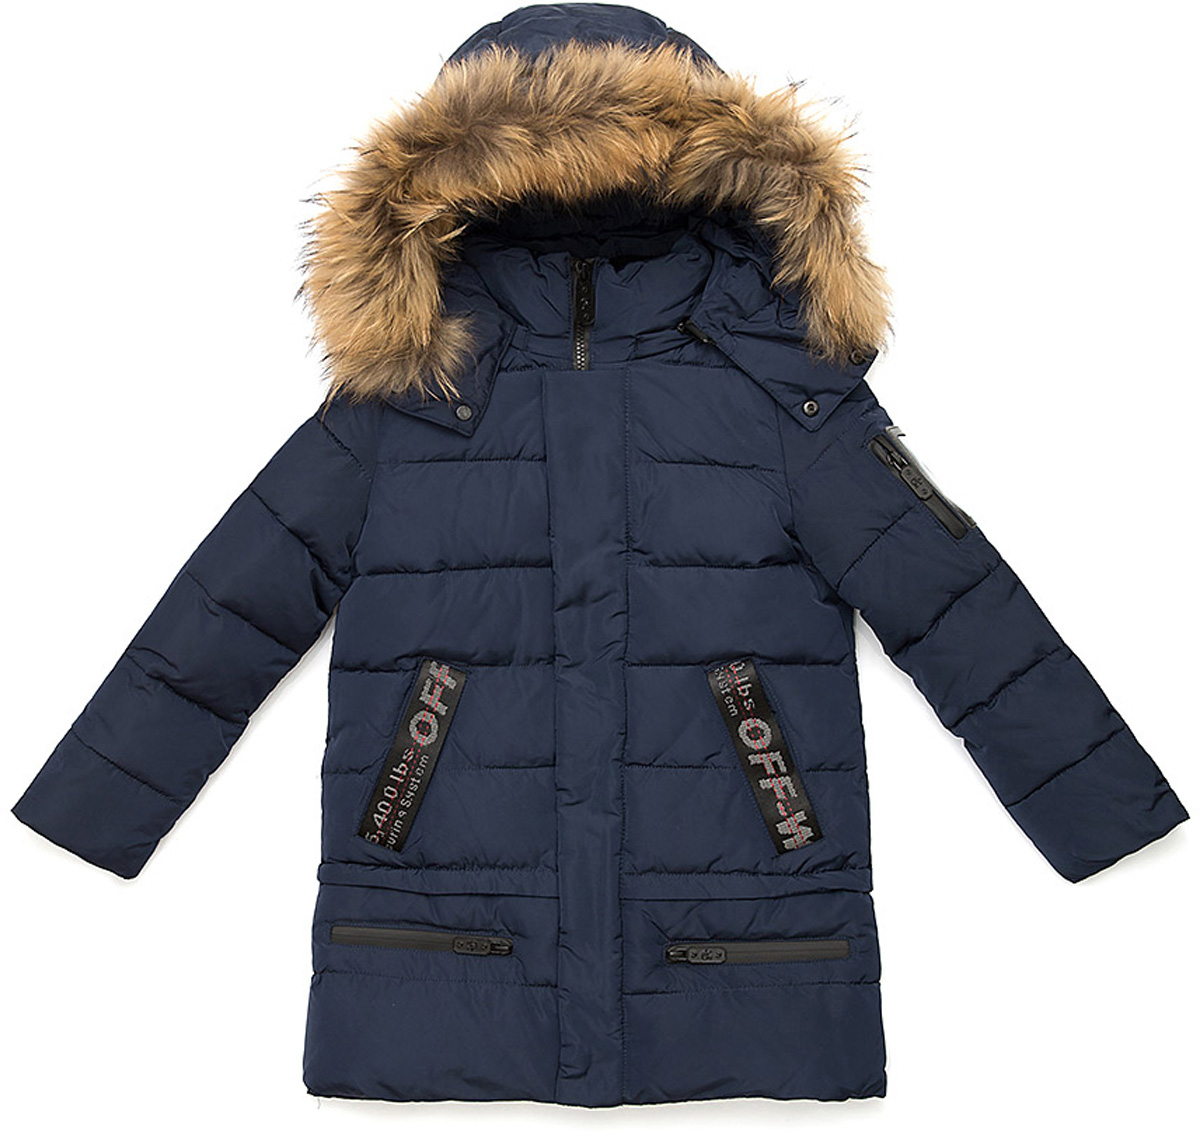 Куртка для мальчика Vitacci, цвет: синий. 1171477-04. Размер 1221171477-04Удлиненная куртка для мальчика Vitacci, изготовленная из полиэстера, станет стильнымдополнением к детскому гардеробу.Подкладка выполнена из полиэстера и дополнительно утеплена флисом по спинке. В качестве наполнителя используется биопух.Модель застегивается на застежку-молнию. Имеет съемный капюшон с отделкой из натурального меха и ветрозащитную планку. Куртка оформлена декоративными элементами на рукавах и карманах.Температурный режим от -10°С до -25°С.Теплая, удобная и практичная куртка идеально подойдет юному моднику для прогулок!